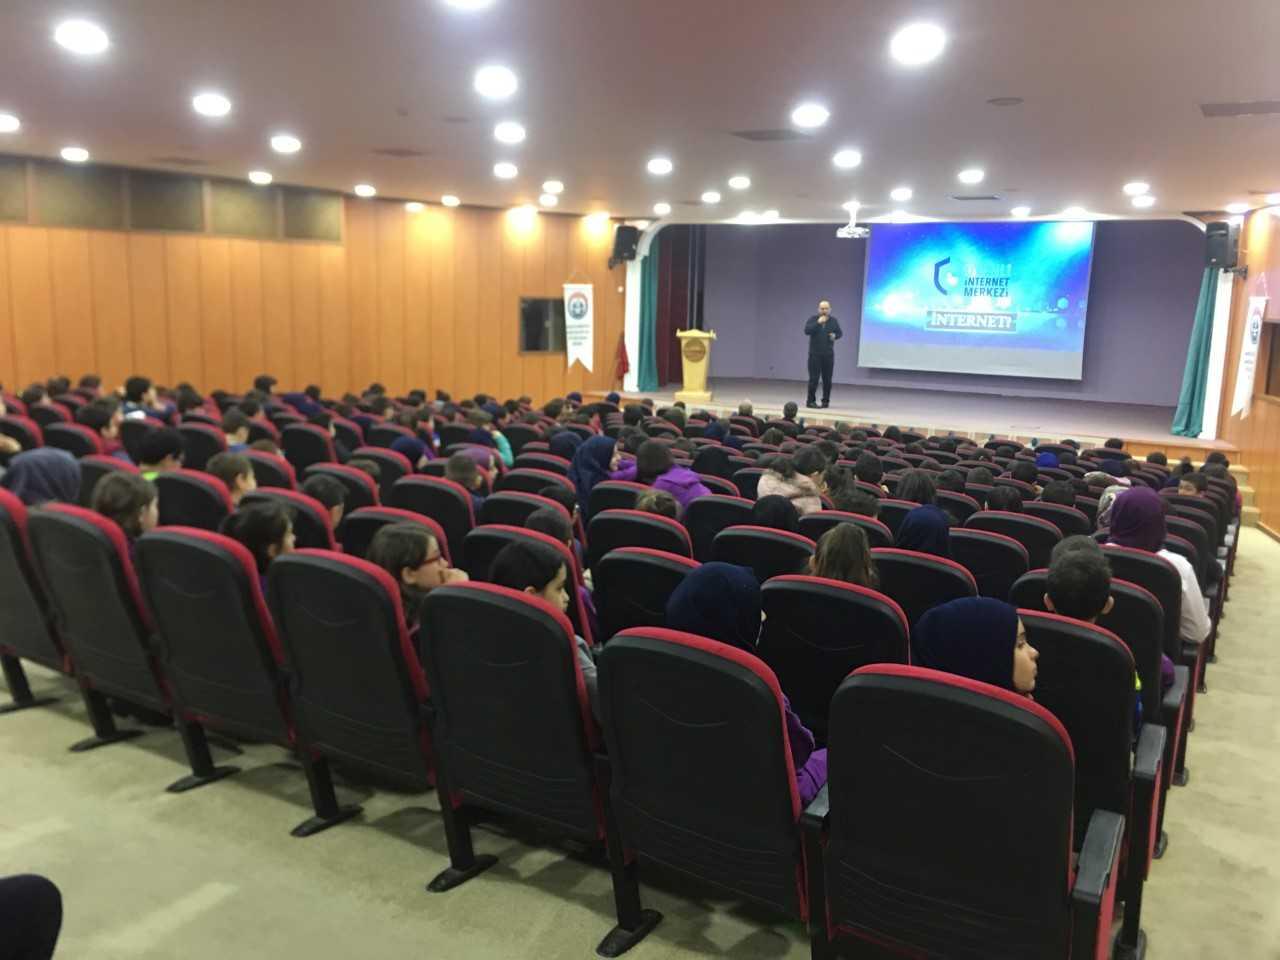 Trabzon Mahmut Celalleddin Ökten Anadolu İmam Hatip Ortaokulunda, Bilinçli Ve Güvenli İnternet Semineri